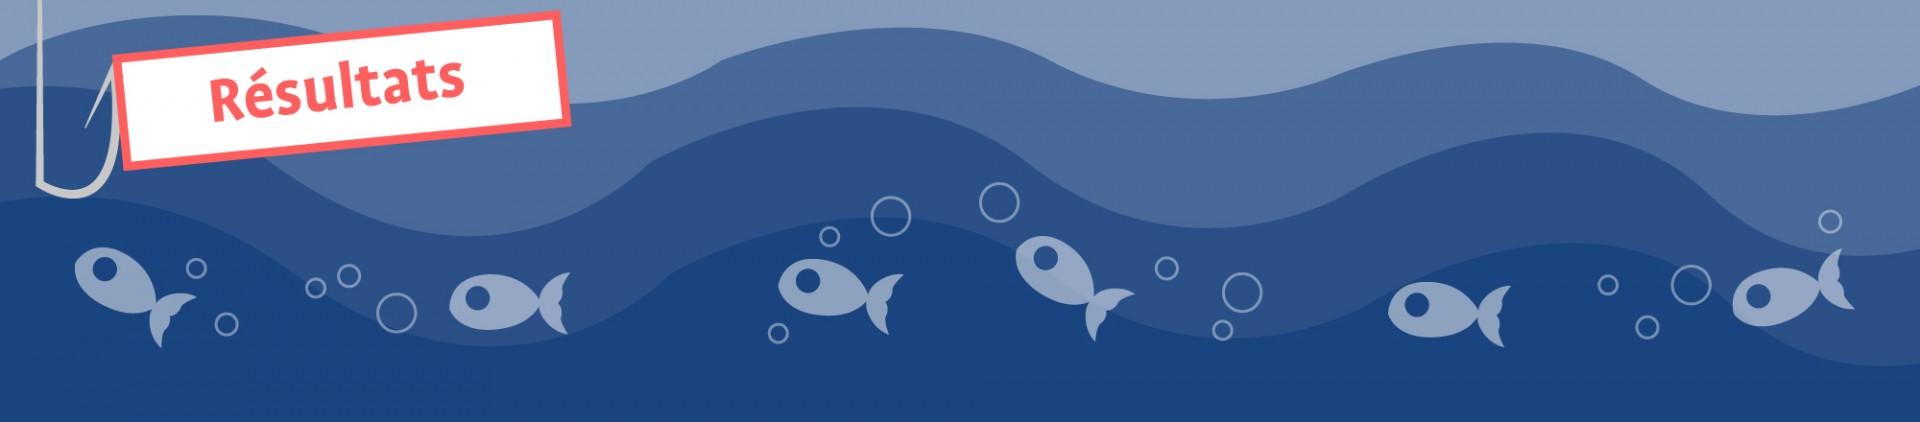 Résultats chasses aux poissons d'avril 2018 - Fédération du Tourisme Province de Liège